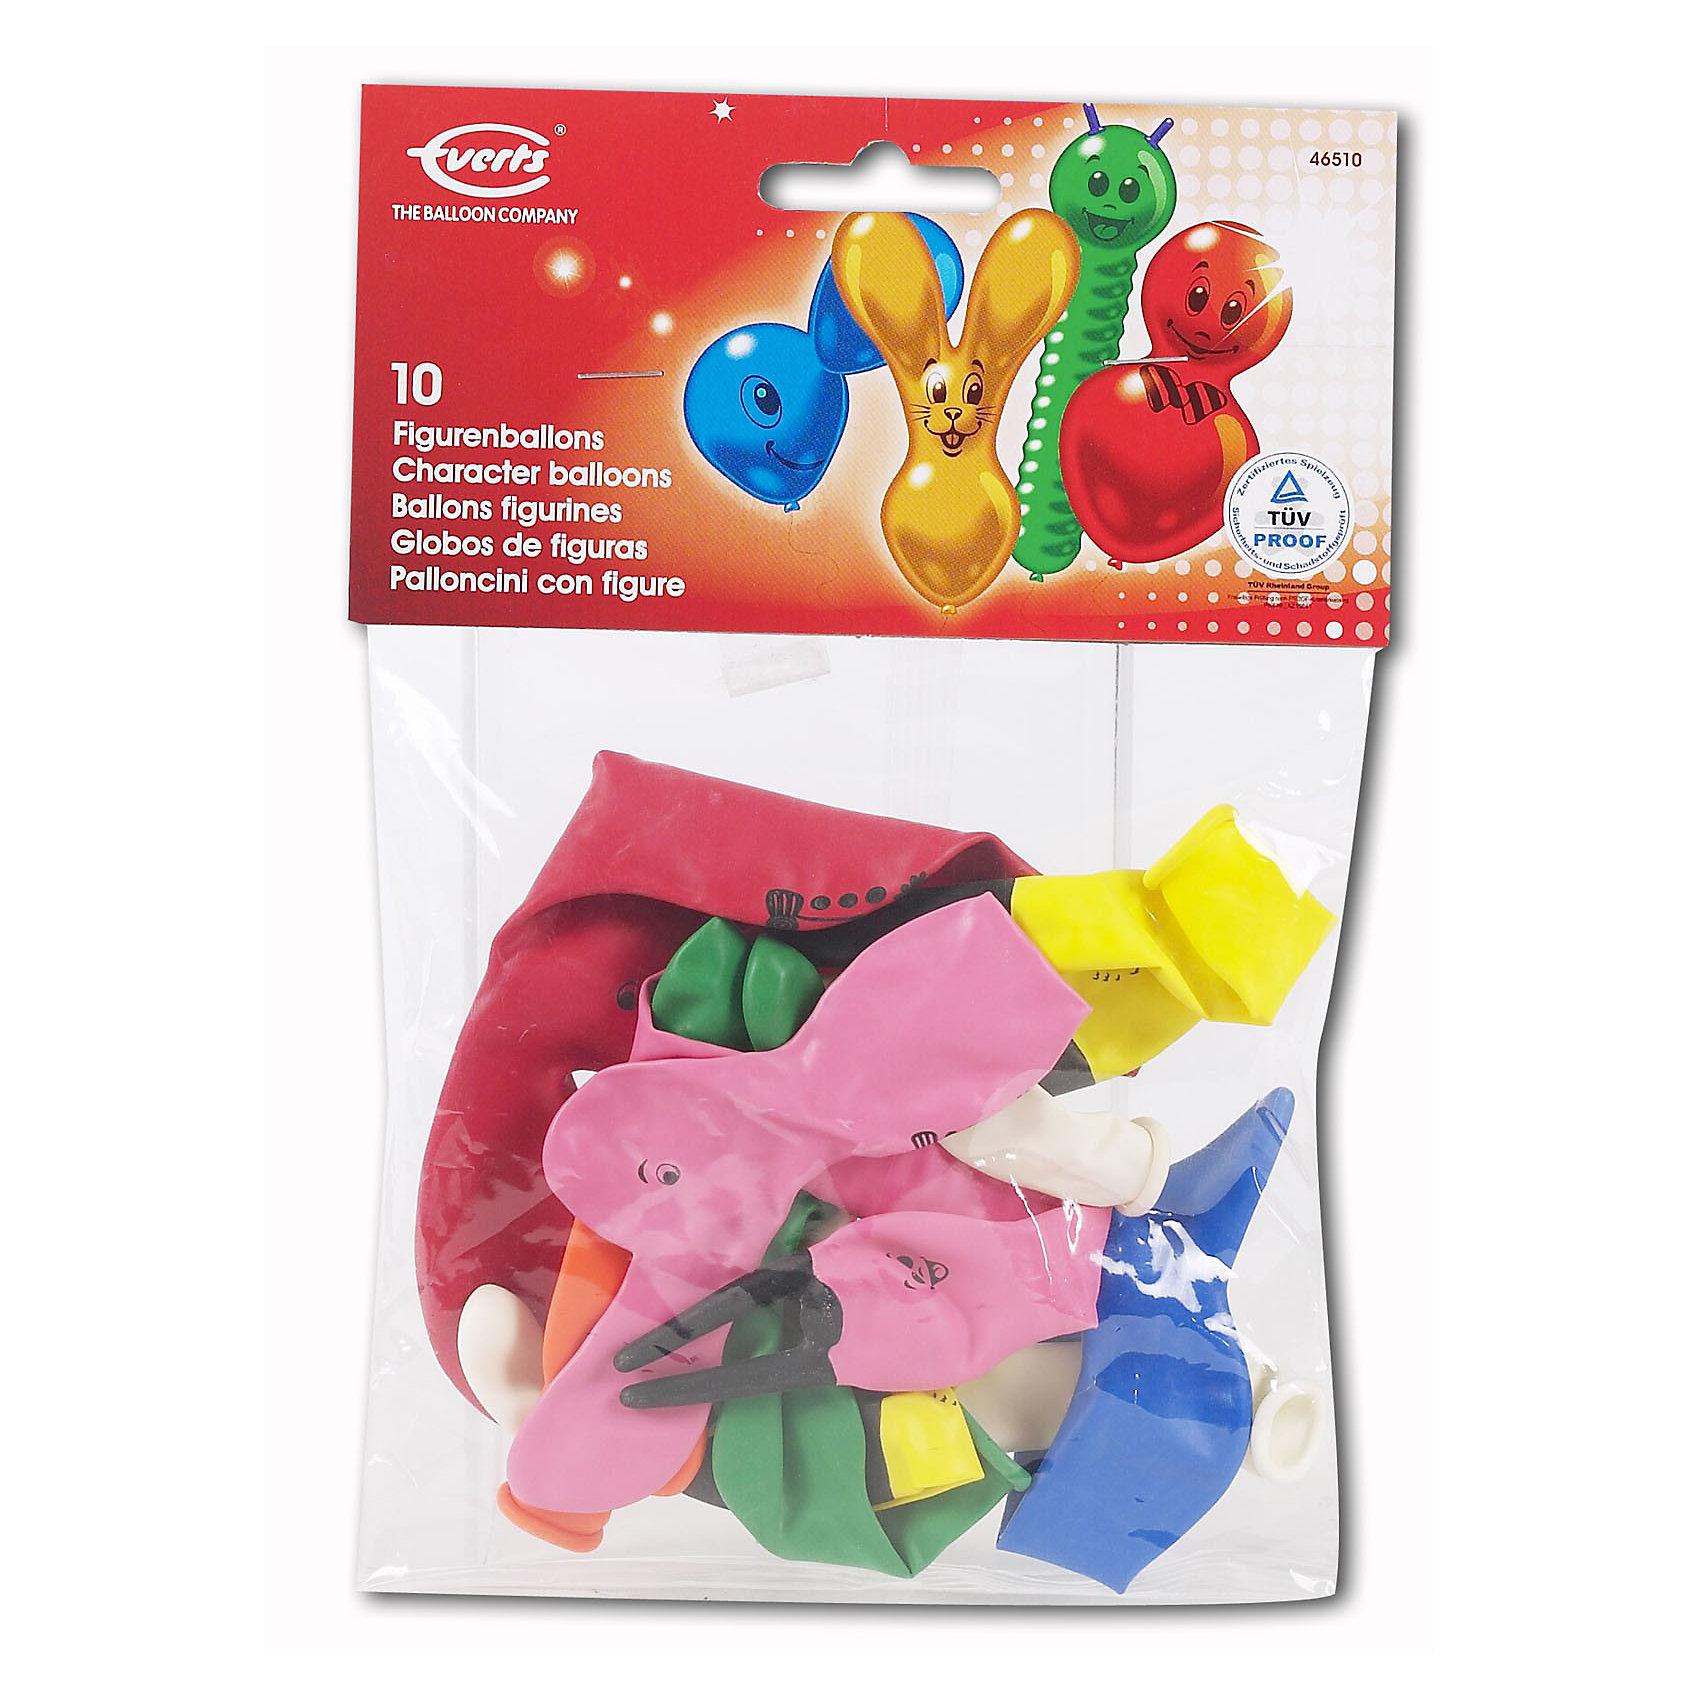 Everts 10 фигурных шариков ассортиВсё для праздника<br>В комплекте есть шарики разных цветов, но самое интересное это их форма. Среди них есть шарики в форме зайчика, гусенички и шарики необычной формы с забавными личиками. Шарики сделаны из безопасных материалов, поэтому играть в них можно с рождения. Надувание шариков способствует развитию дыхательной системы человека, а созерцание развивает эстетическое восприятие.<br><br>Ширина мм: 100<br>Глубина мм: 250<br>Высота мм: 30<br>Вес г: 36<br>Возраст от месяцев: 36<br>Возраст до месяцев: 144<br>Пол: Унисекс<br>Возраст: Детский<br>SKU: 1478526